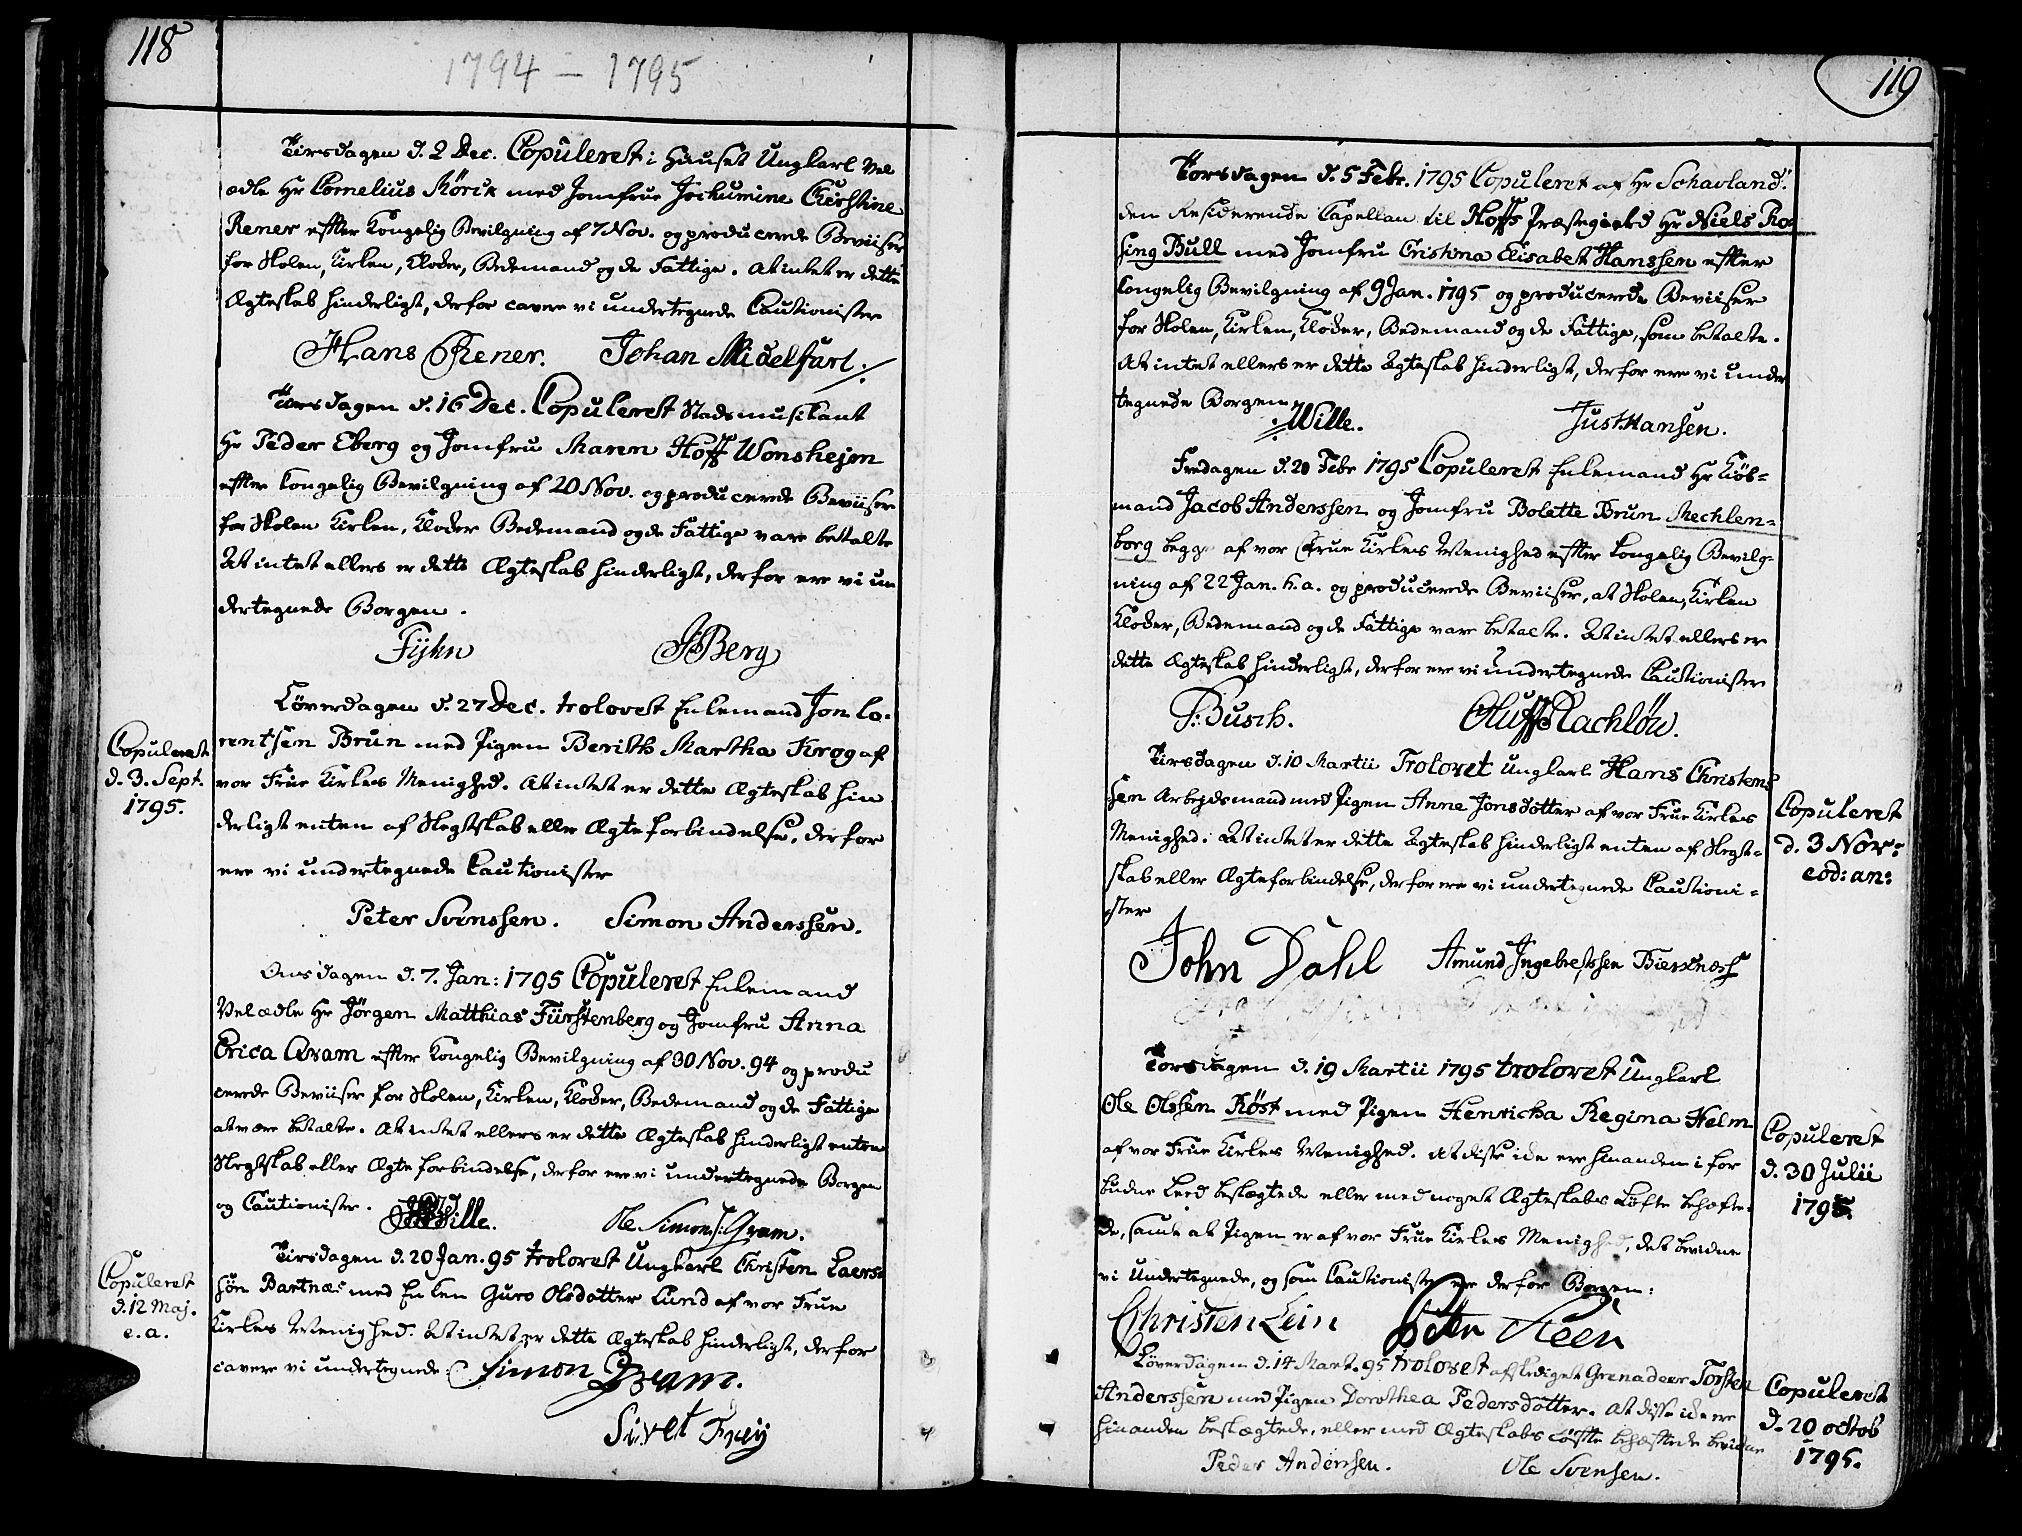 SAT, Ministerialprotokoller, klokkerbøker og fødselsregistre - Sør-Trøndelag, 602/L0105: Ministerialbok nr. 602A03, 1774-1814, s. 118-119